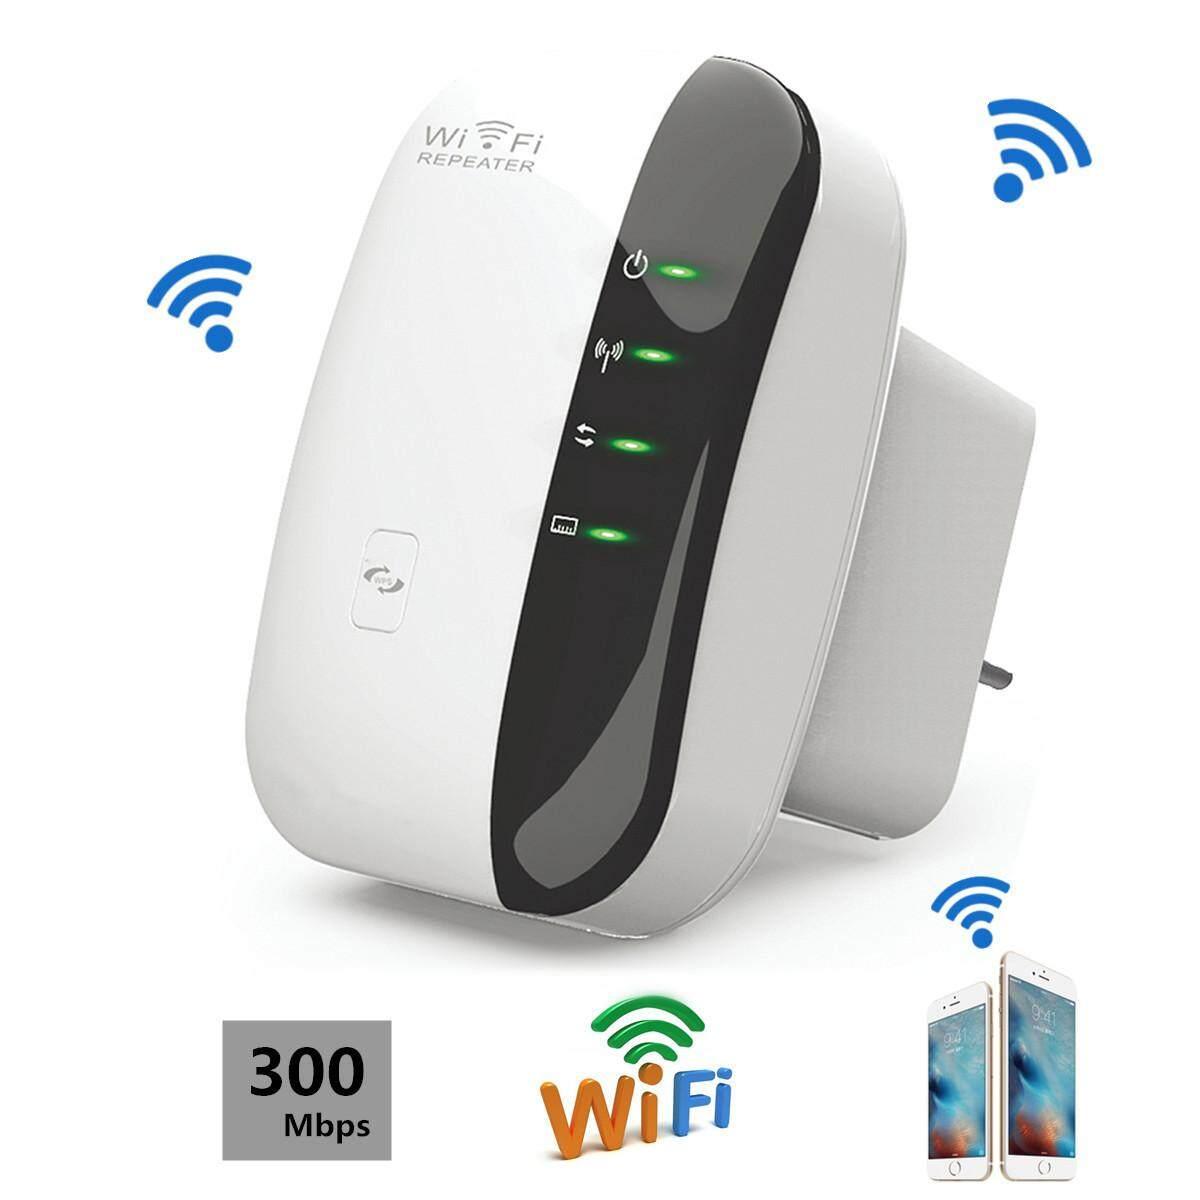 ของแท้ สัญญาณแรง !!! อุปกรณ์ขยายระยะสัญญาณ Wifi ติดตั้งง่ายแค่เสียบปลั๊ก - กระจายสัญญาณ - ดูดสัญญาณข้างบ้าน - เล่นเน็ตฟรี.